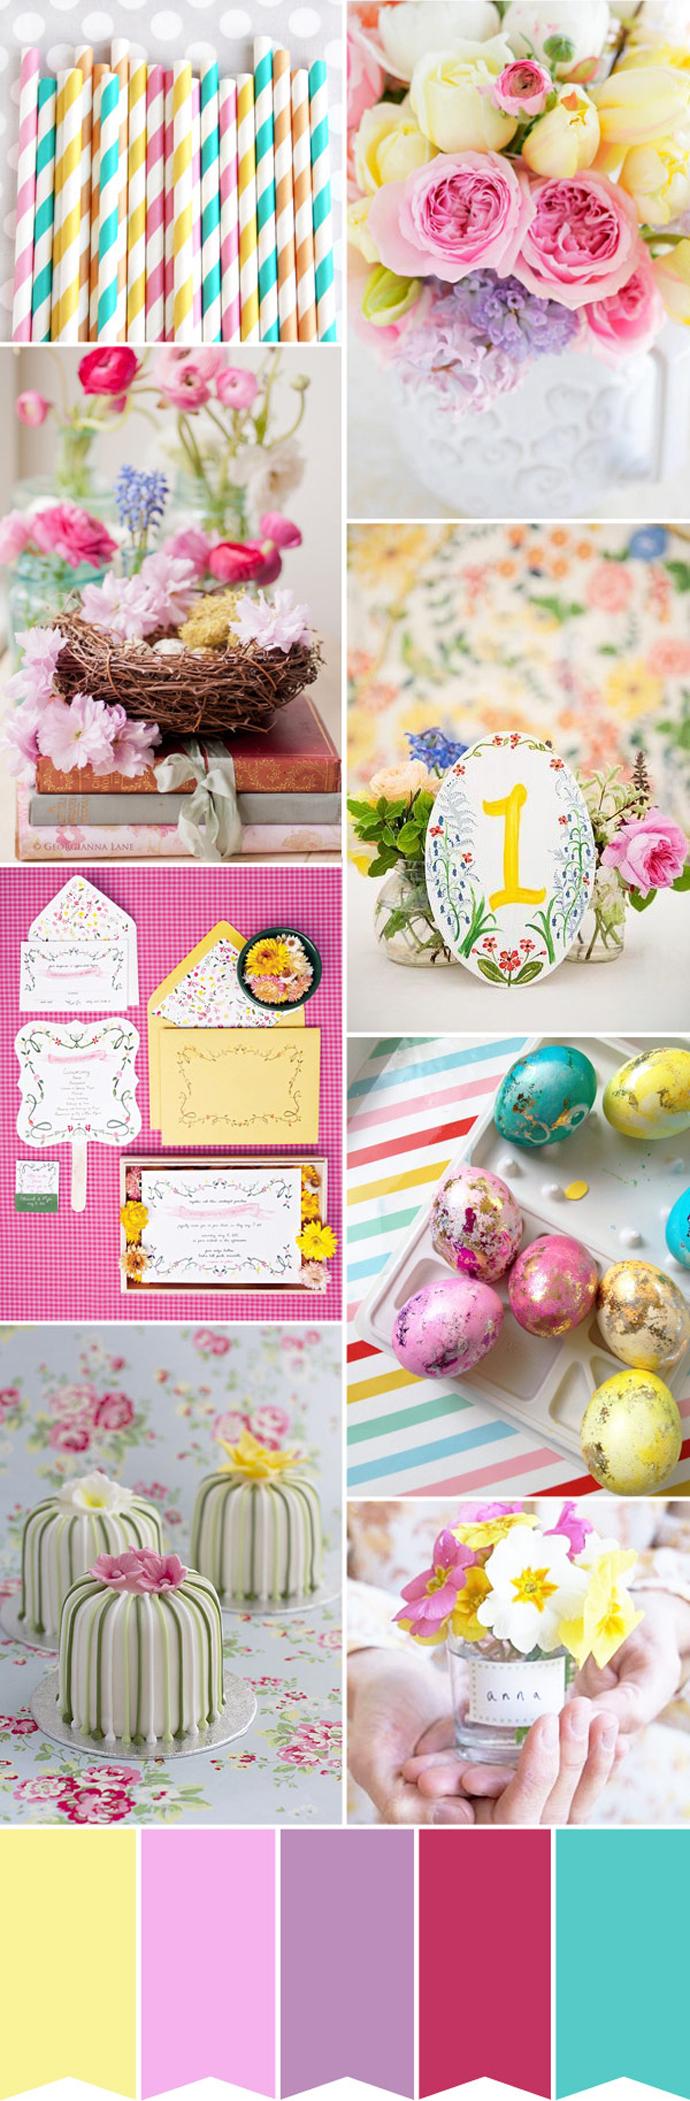 Kolorowy ślub w Wielkanoc